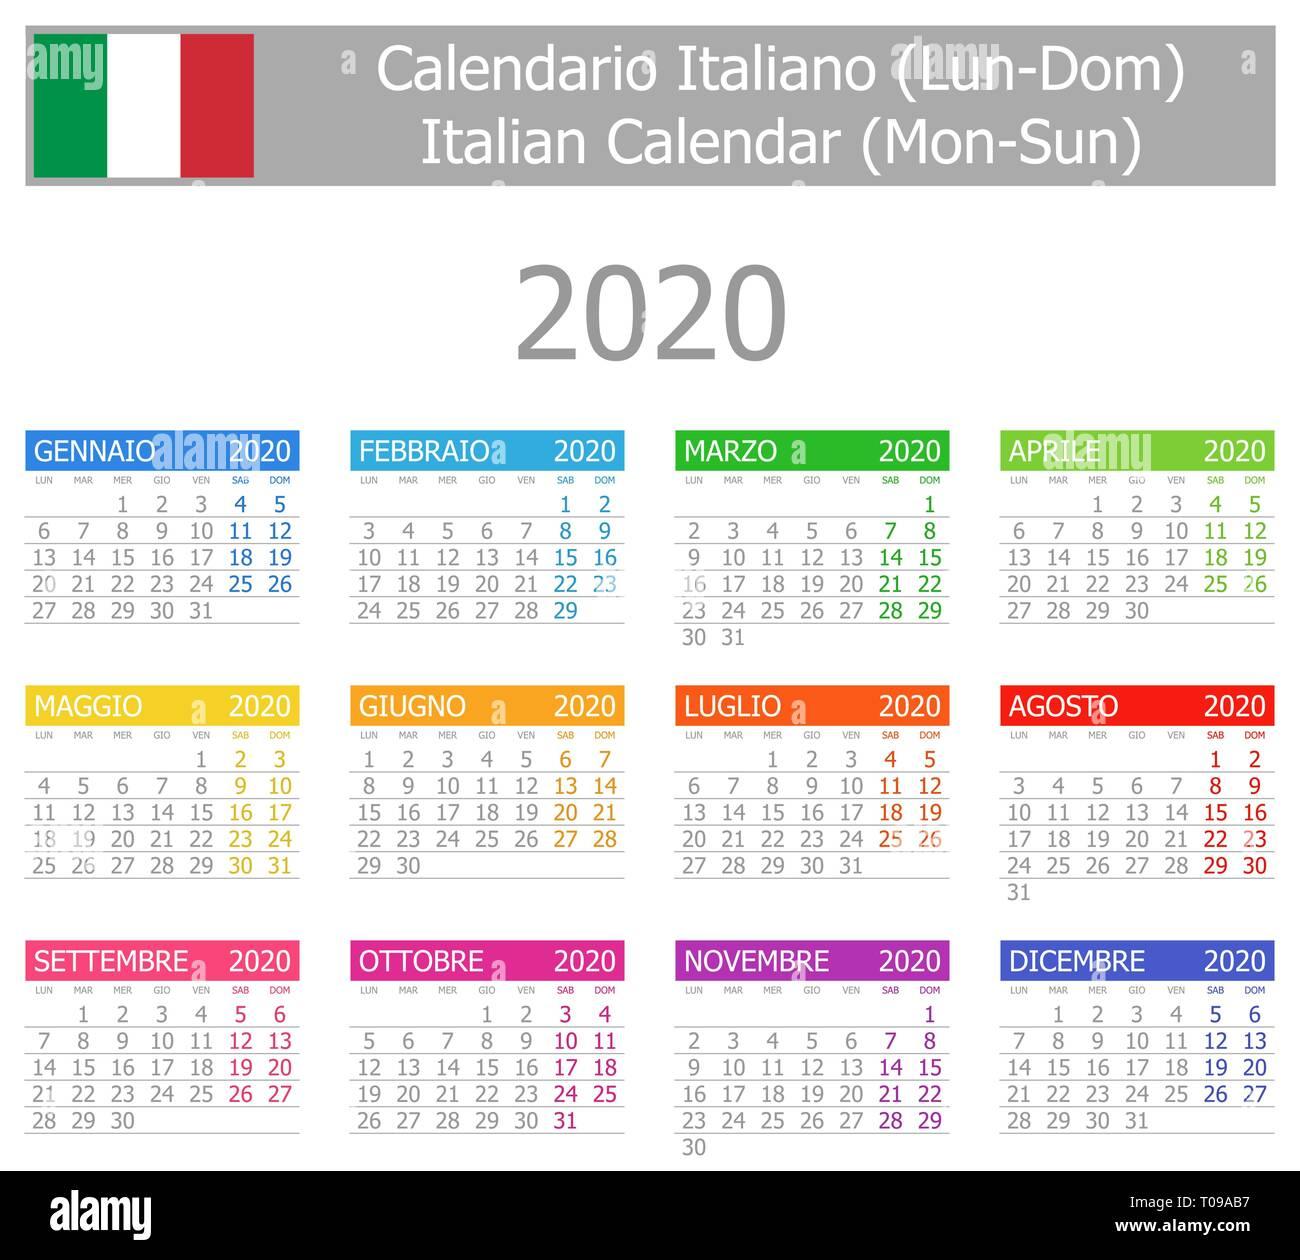 Agosto 2020 Calendario.Calendario 2020 Stock Photos Calendario 2020 Stock Images